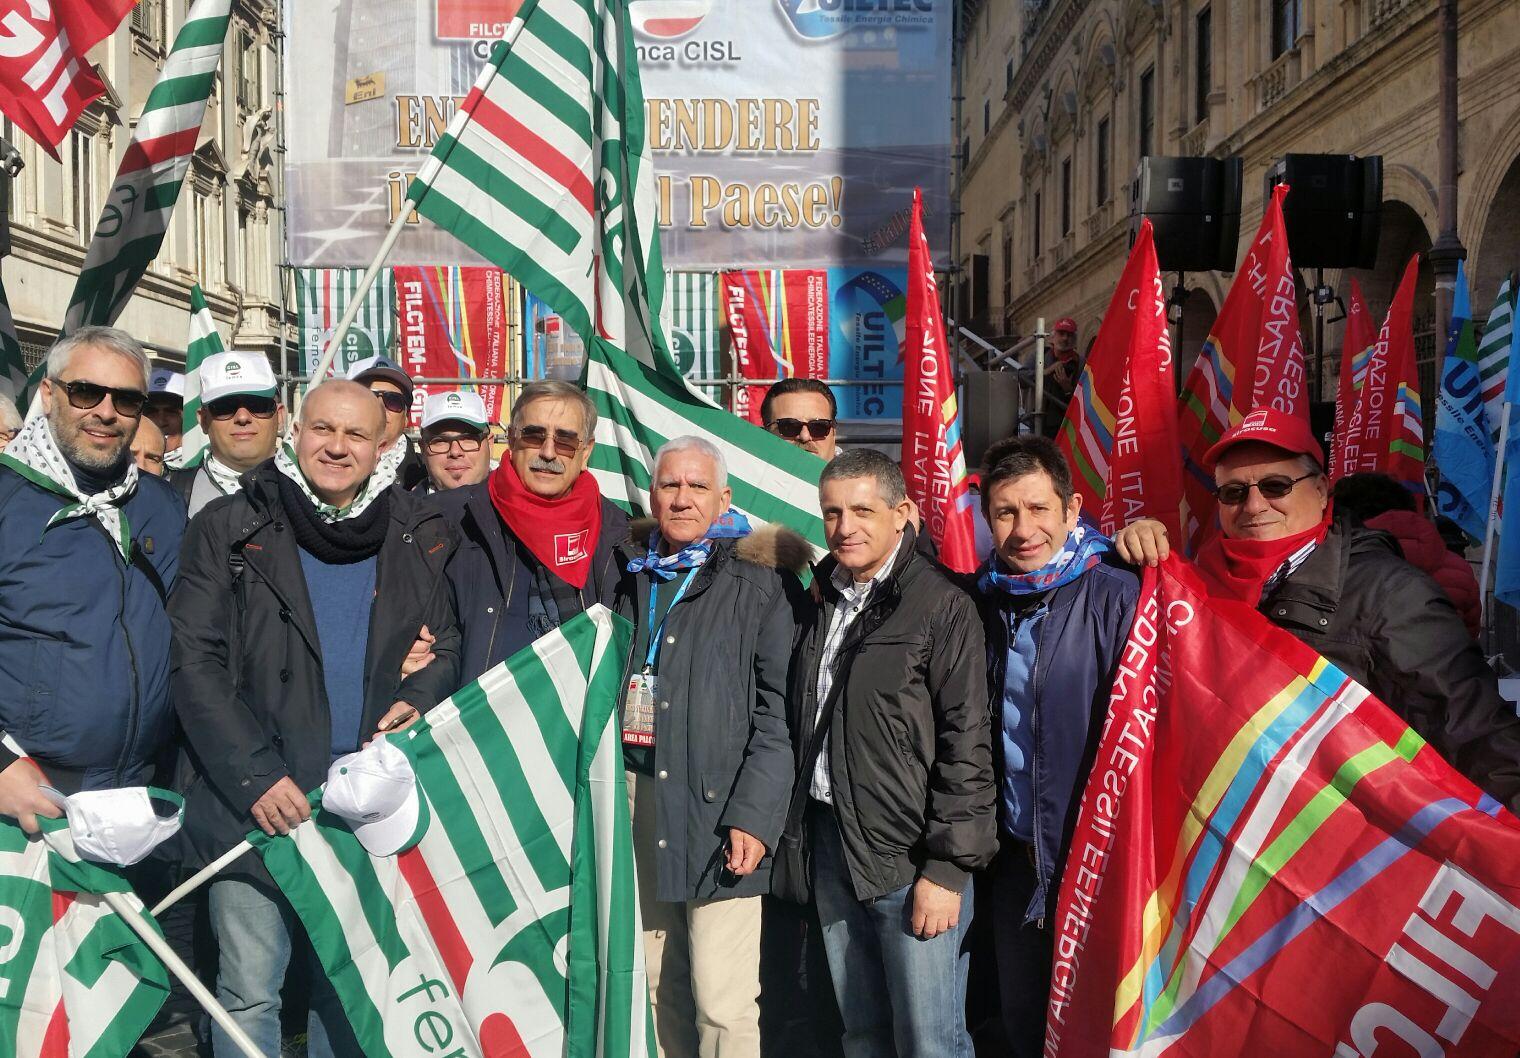 Grande partecipazione allo sciopero contro il piano di dismissione Eni